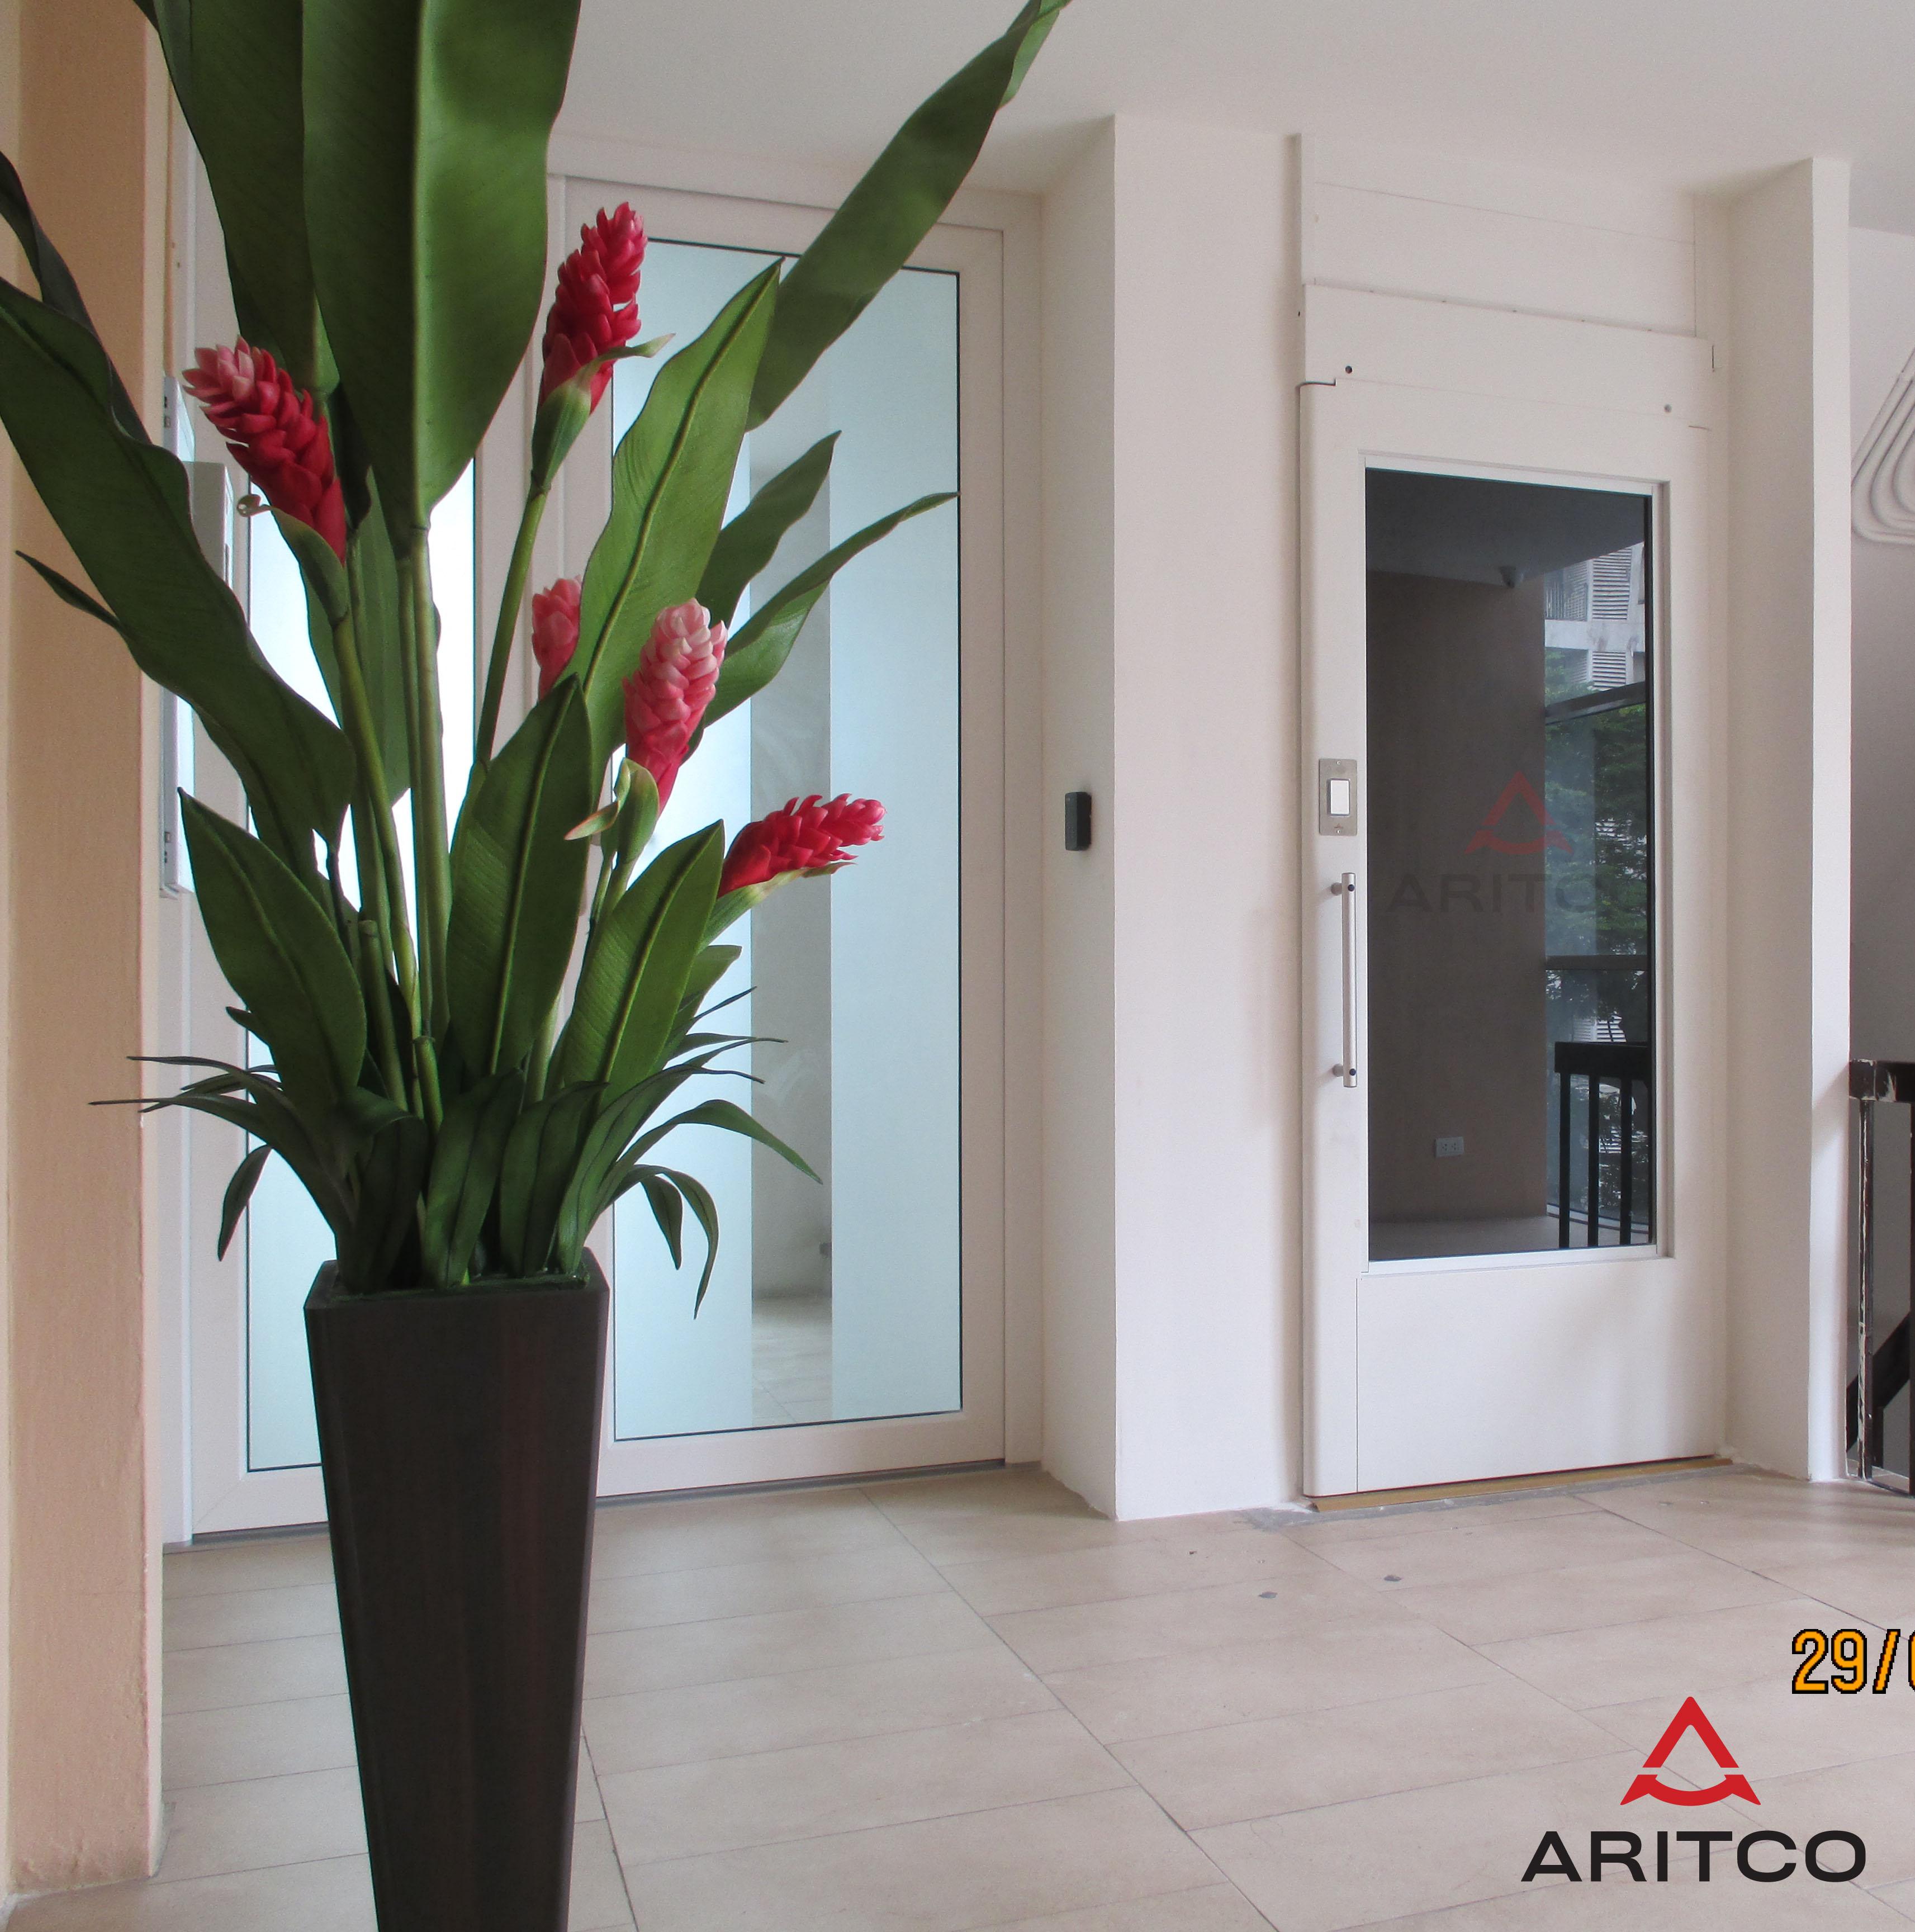 家用电梯价格Aritco瑞特科家用电梯报价Aritco瑞特科电梯瑞典整机进口